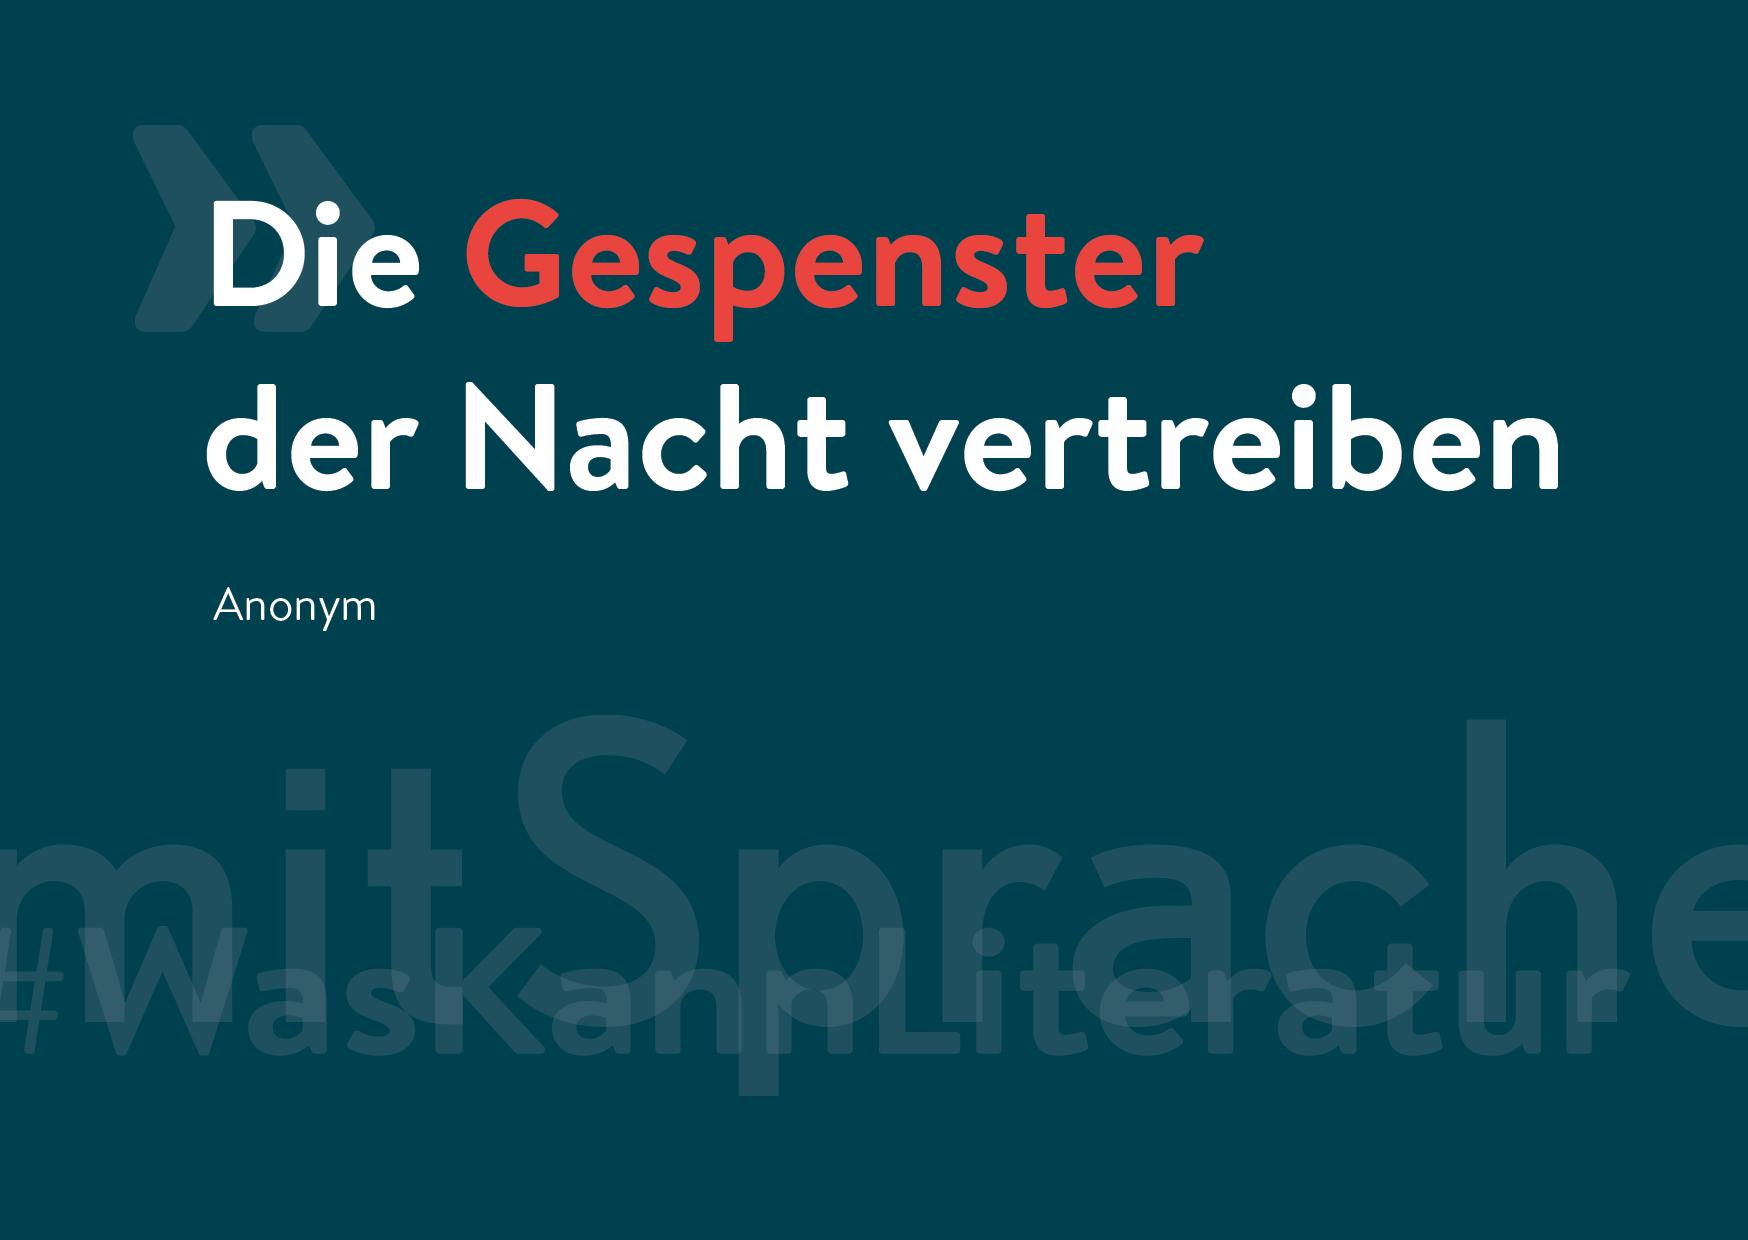 mitSprache_wasKannLiteratur_statements_postkarte__12-03-20198.jpg